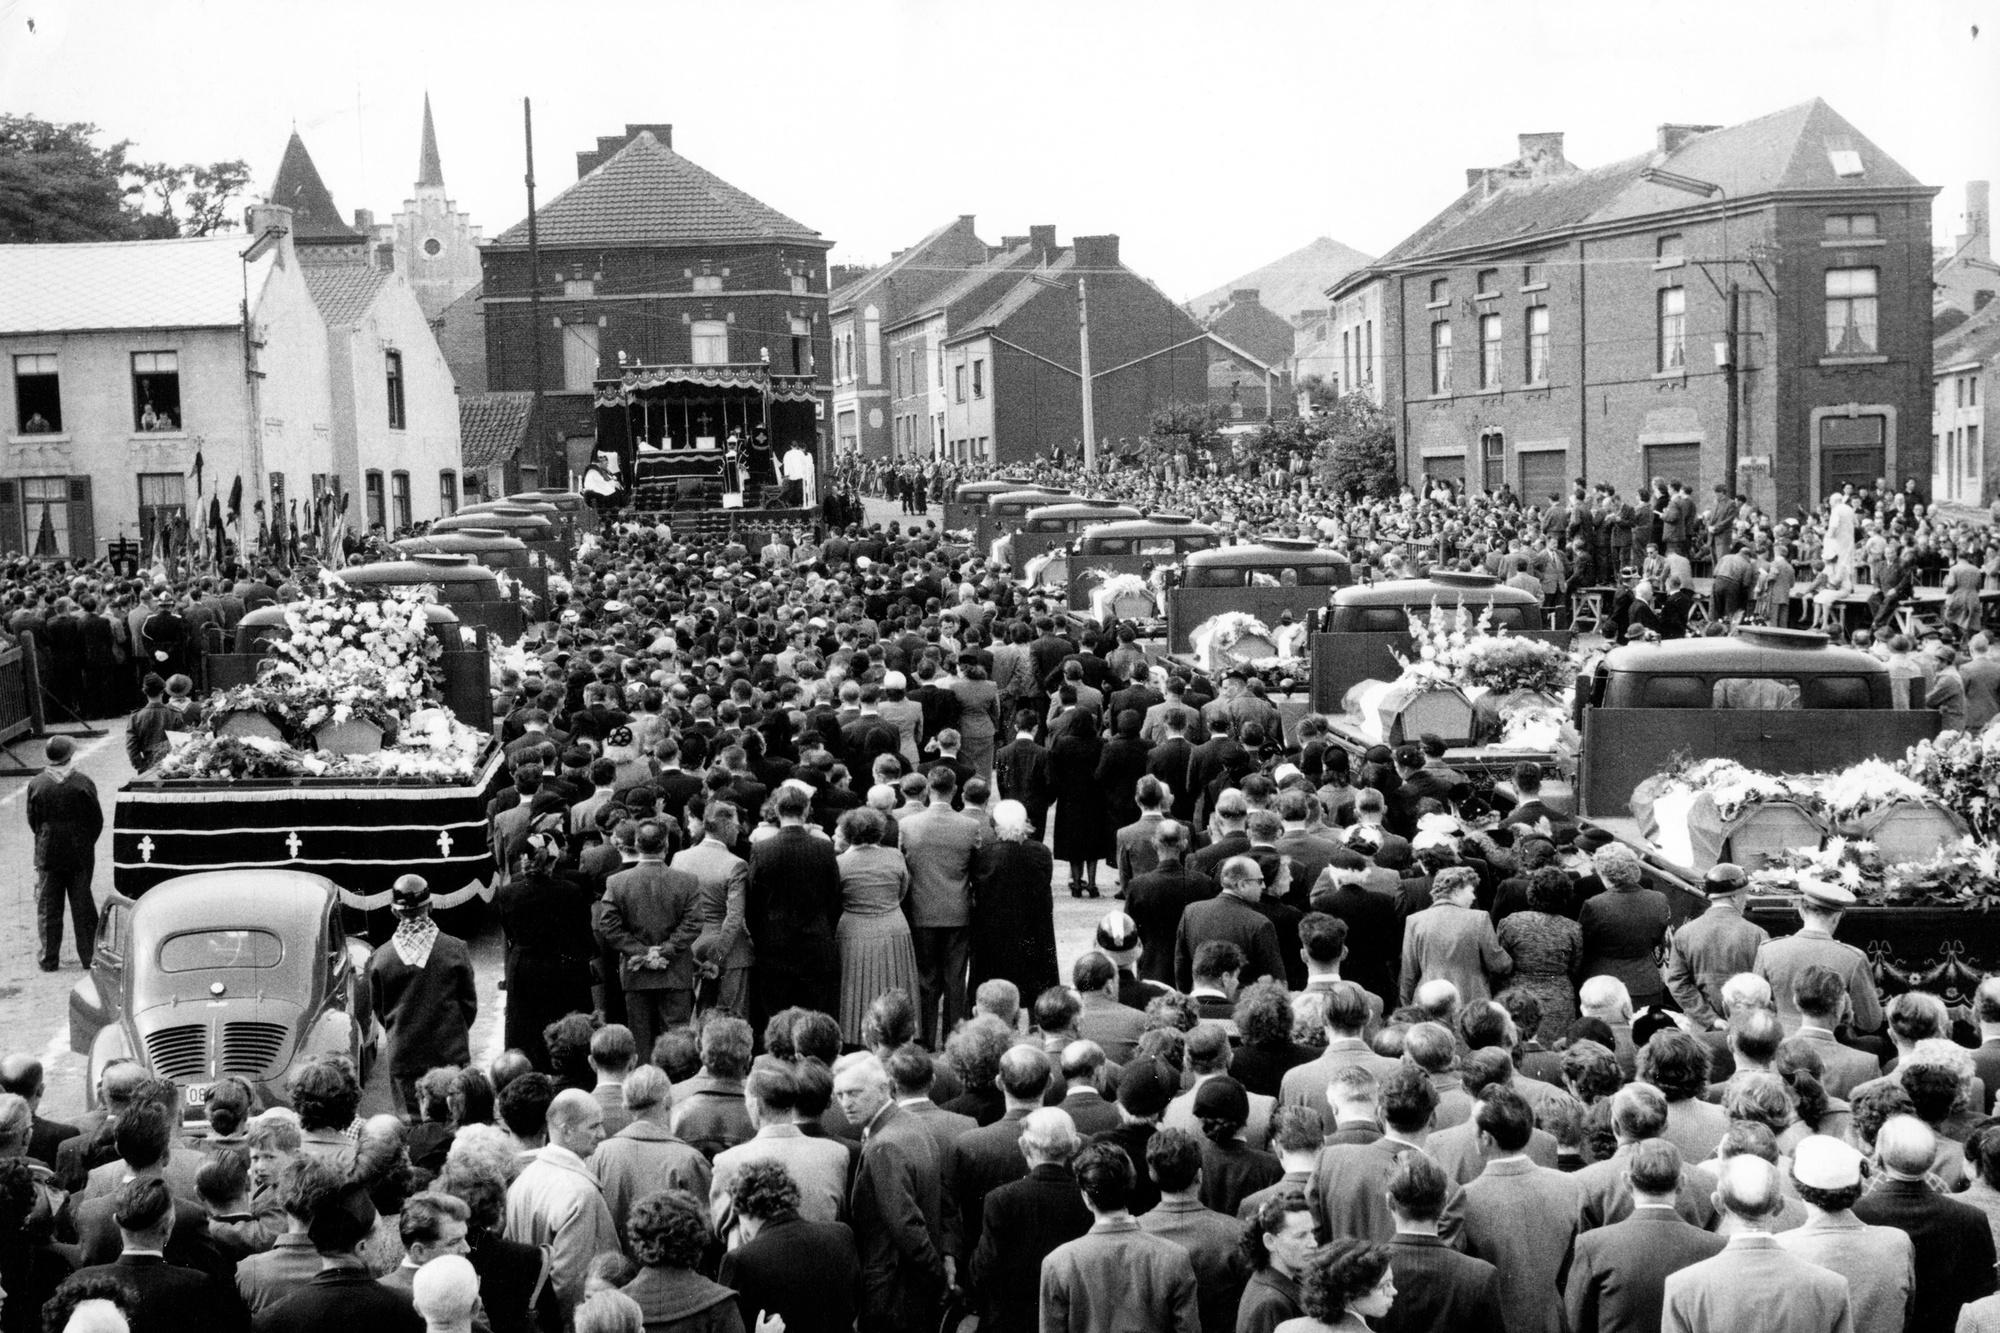 Bij de mijnramp van Marcinelles in 1956 stierven 256 mensen., Belga Image